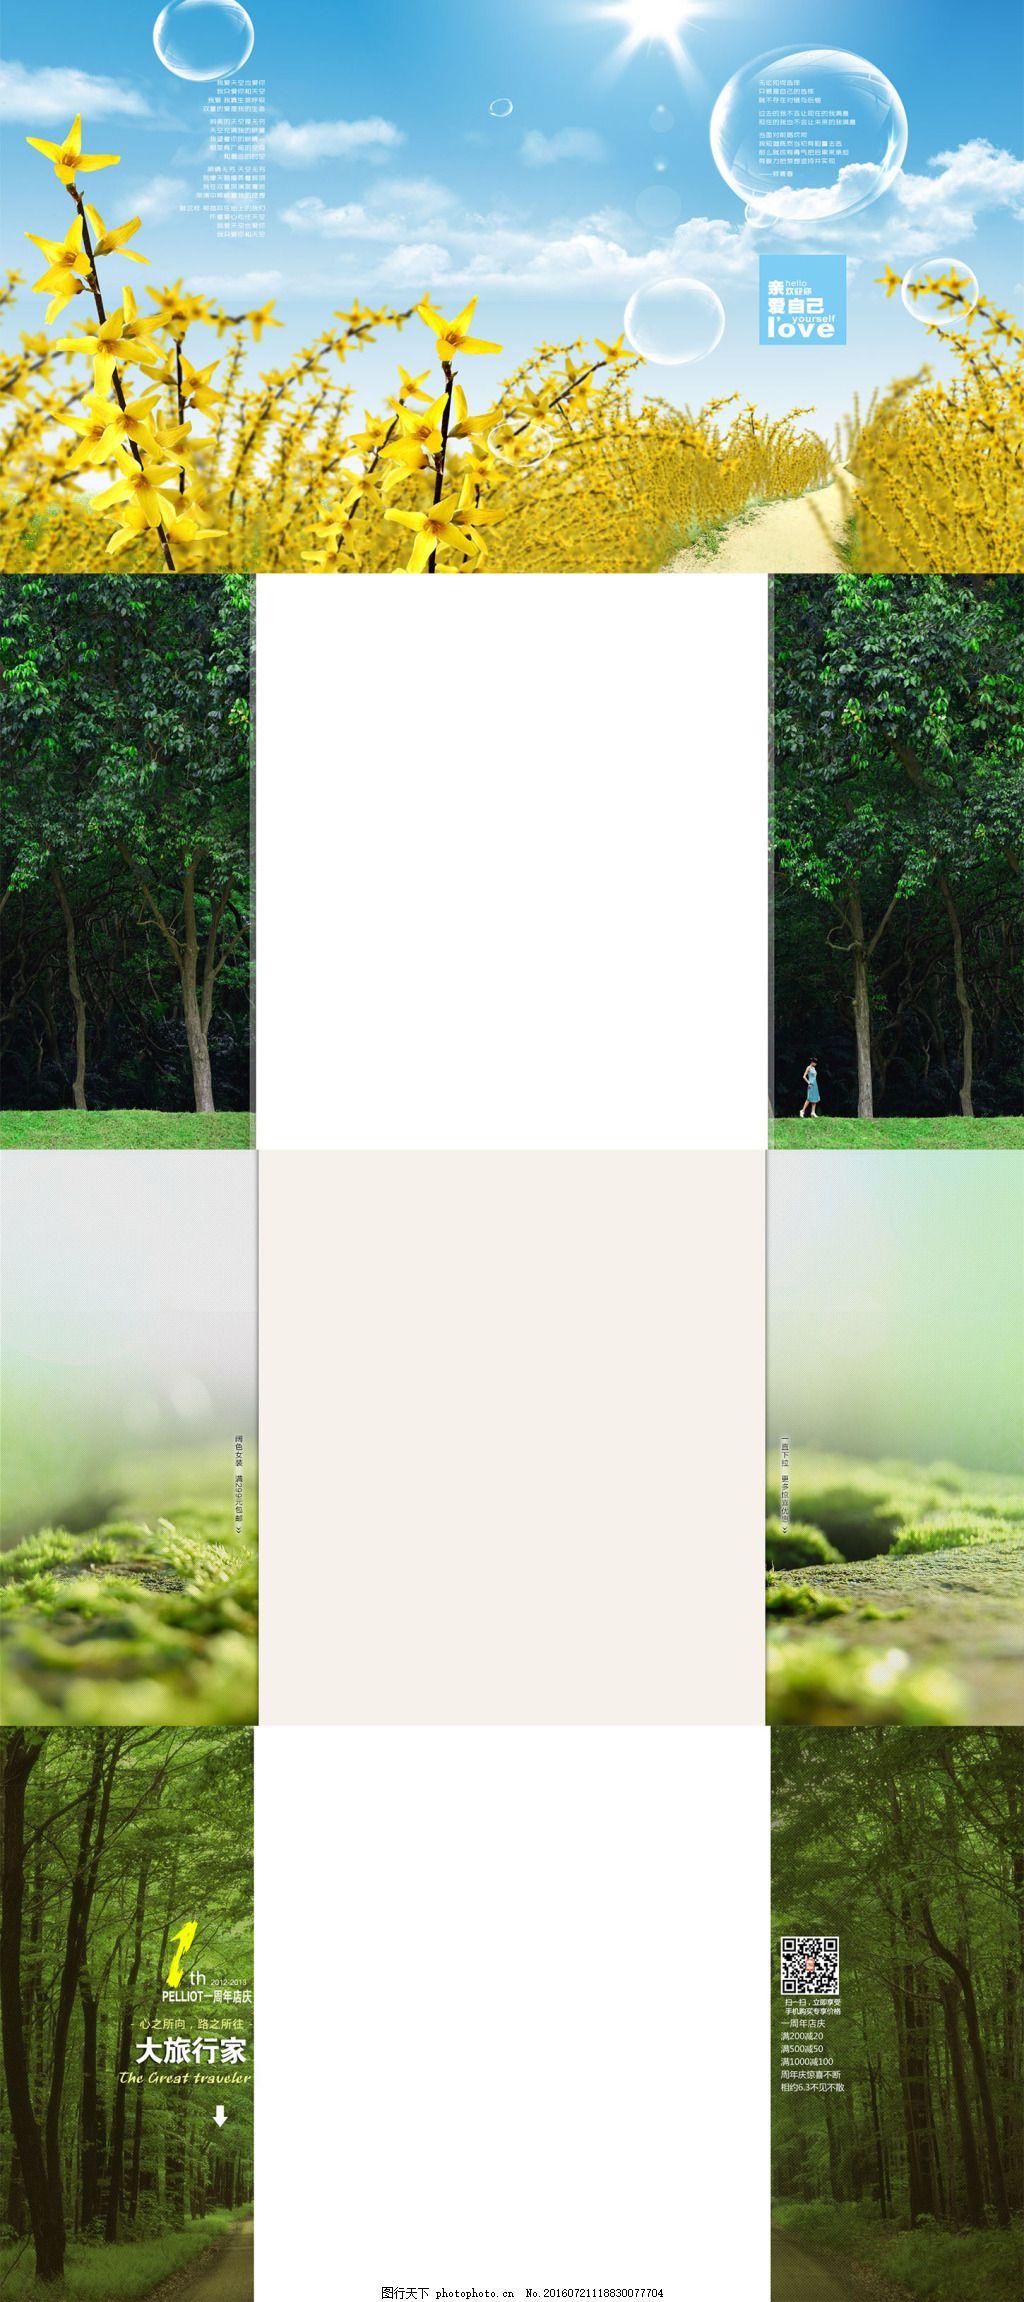 淘宝森林主题固定背景